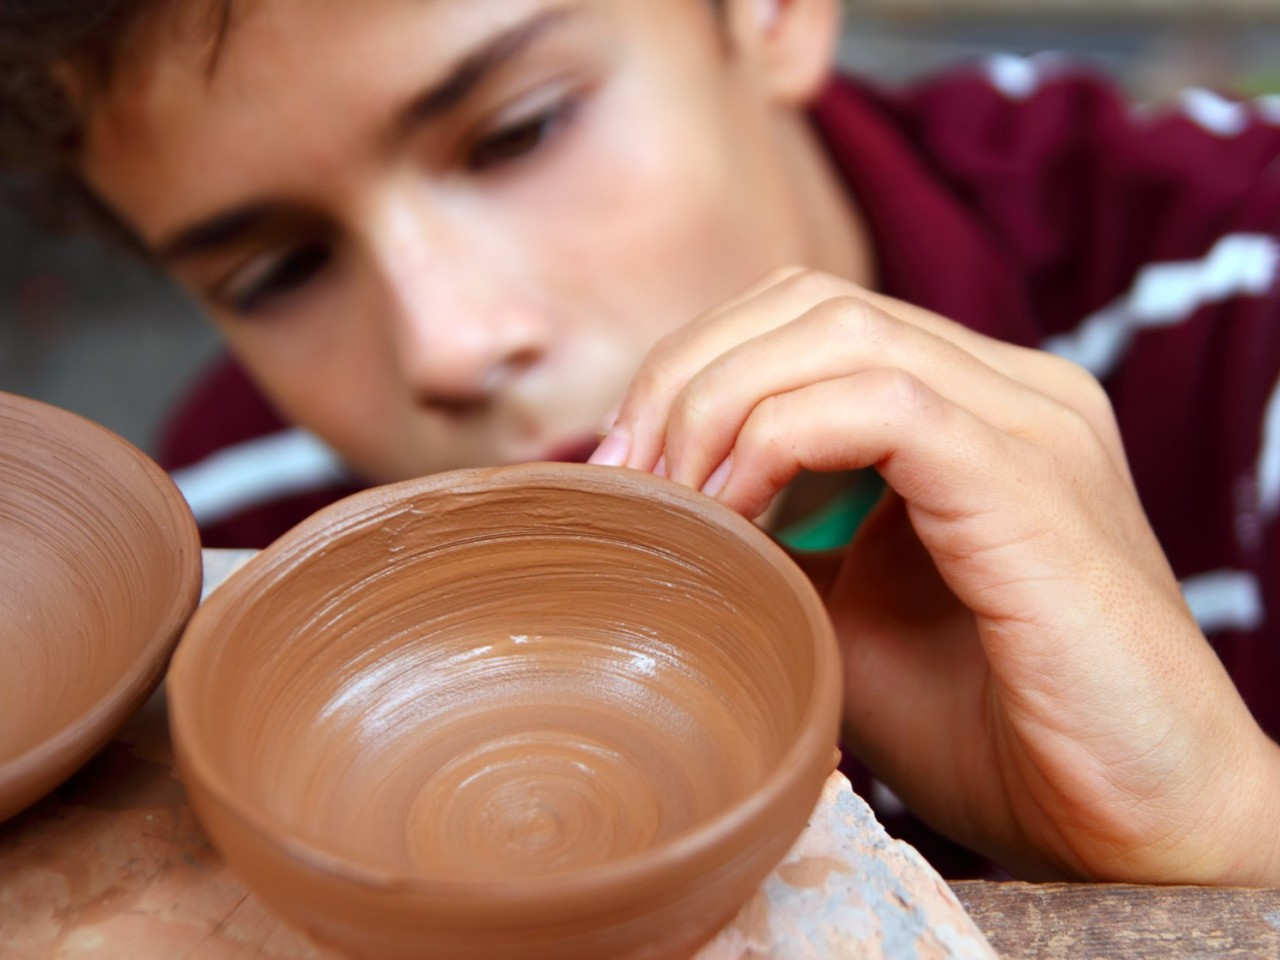 cours de poterie 12-15 ans 1er trimestre